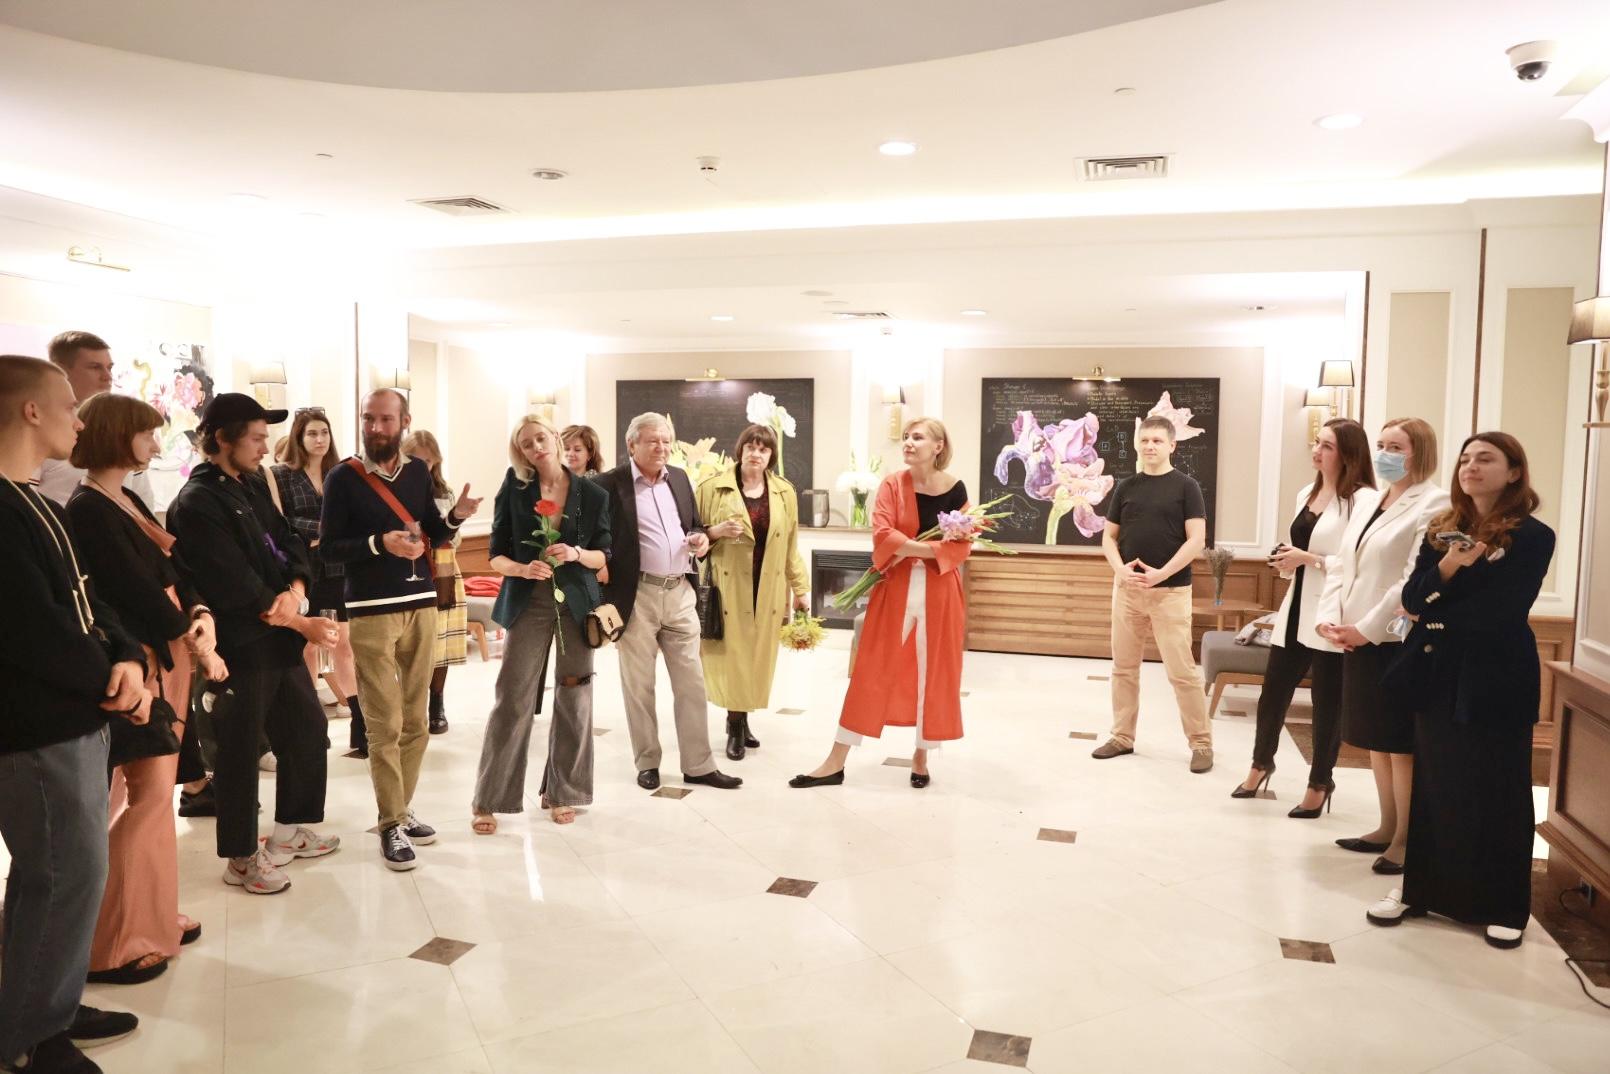 Поп-ап галерея у готелі: SpilneArt створили експозицію у Radisson Blu на Подолі-Фото 2